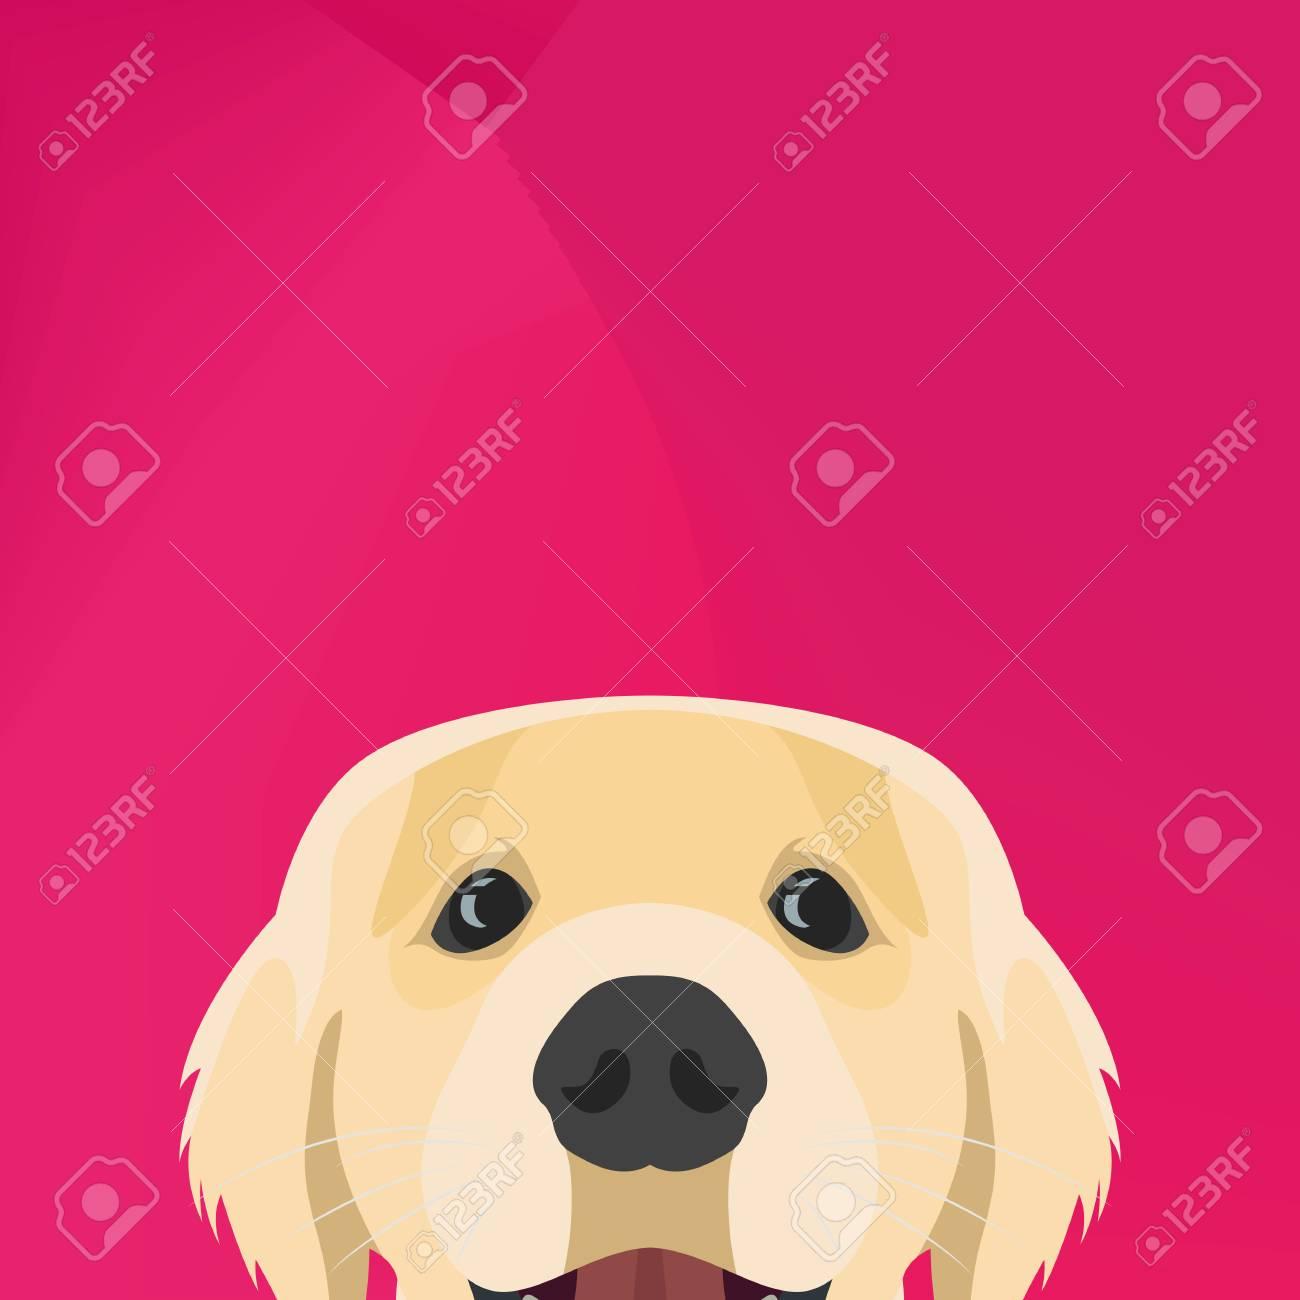 イラスト犬のゴールデンレトリバーのグラフィック デザインの創造的な